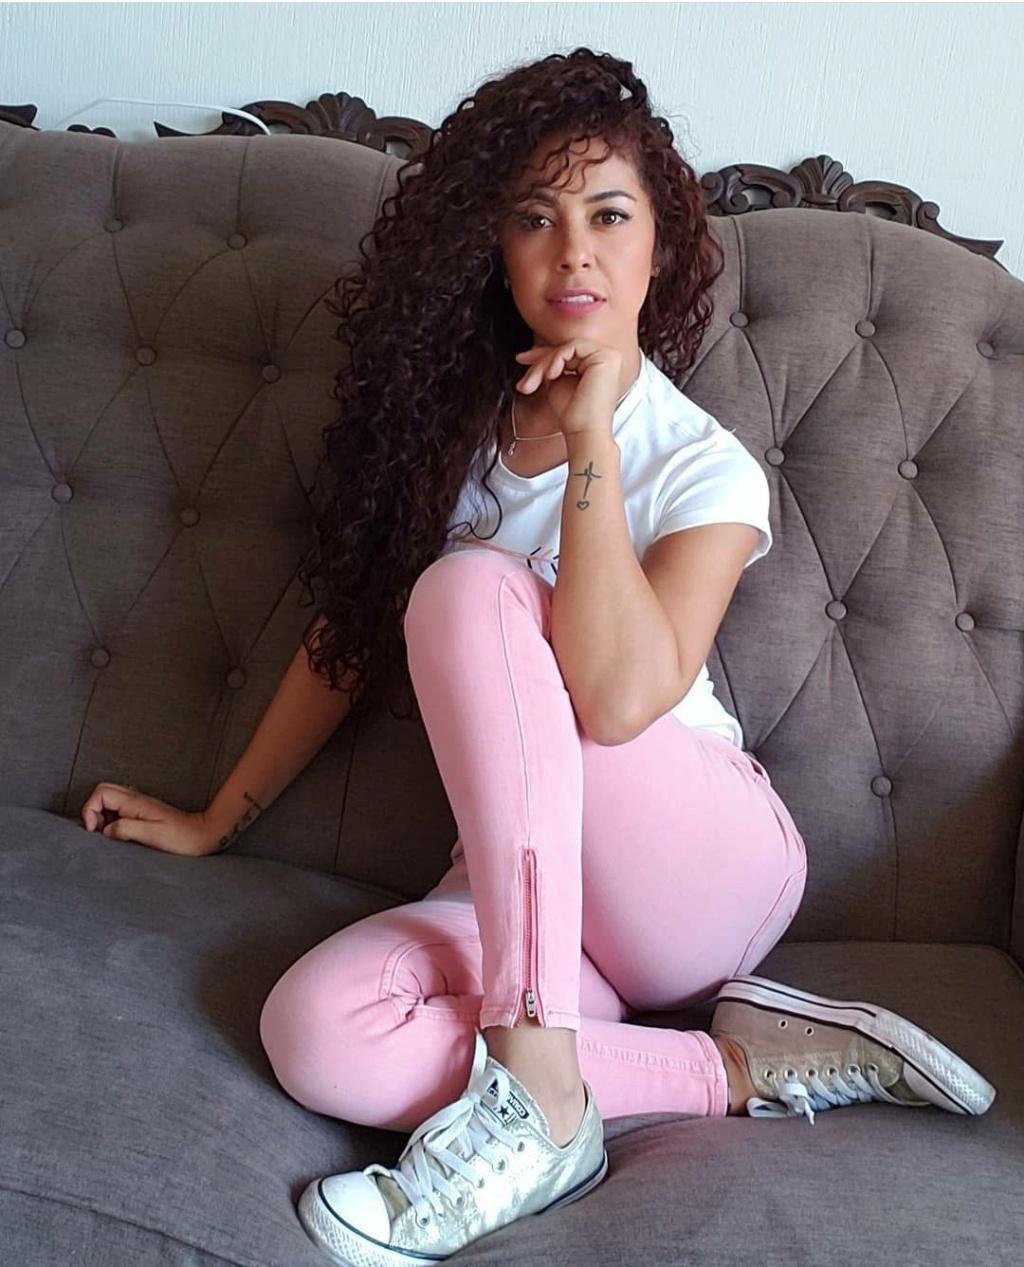 DEBATE sobre belleza, guapura y hermosura (fotos de chicas latinas, mestizas, y de todo) - VOL II - Página 5 Img_1165